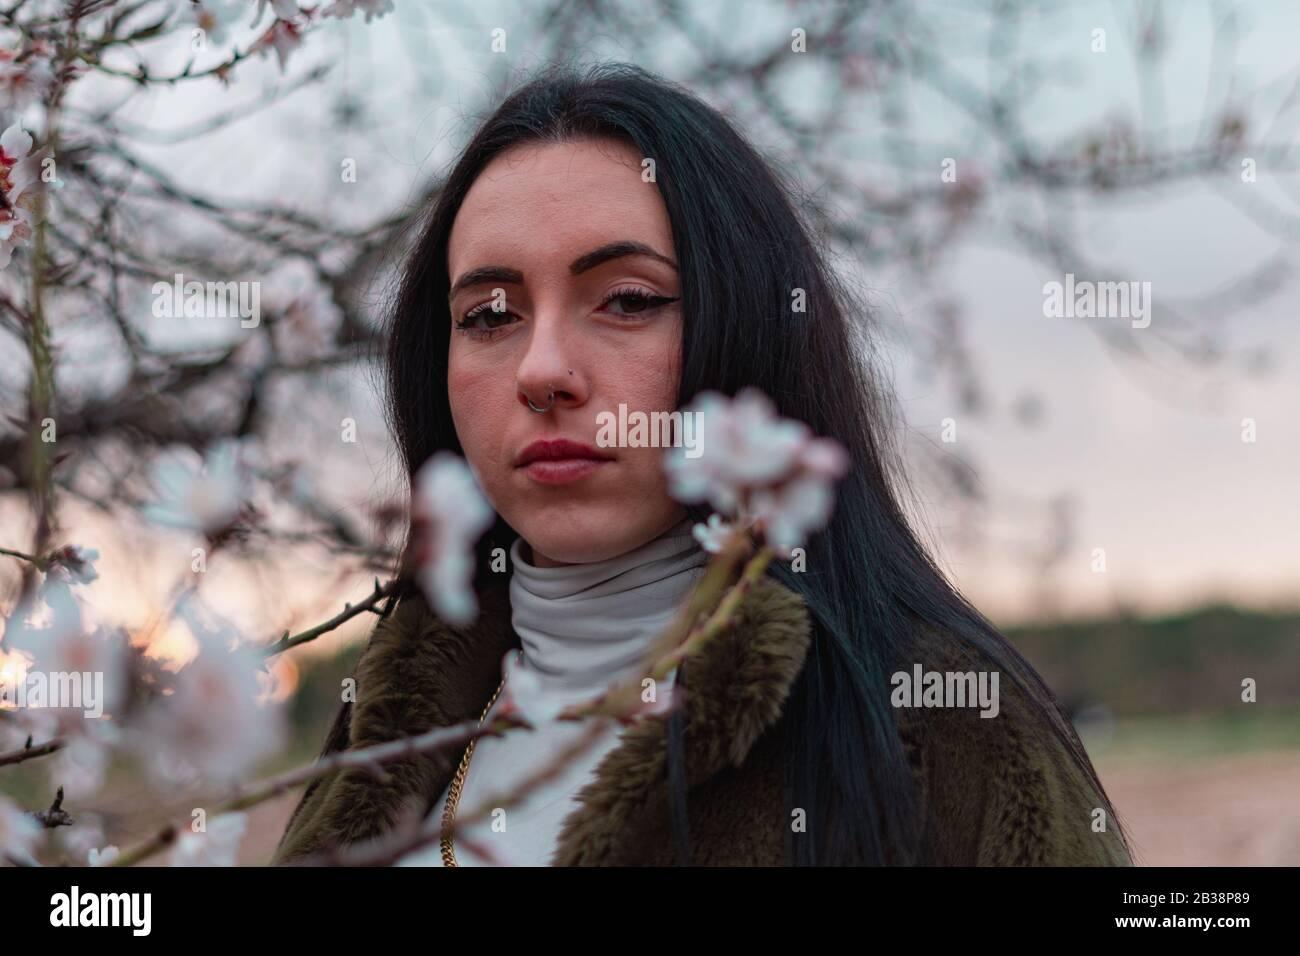 Retrato de mujer con flores y fondo atardeciendo Stock Photo